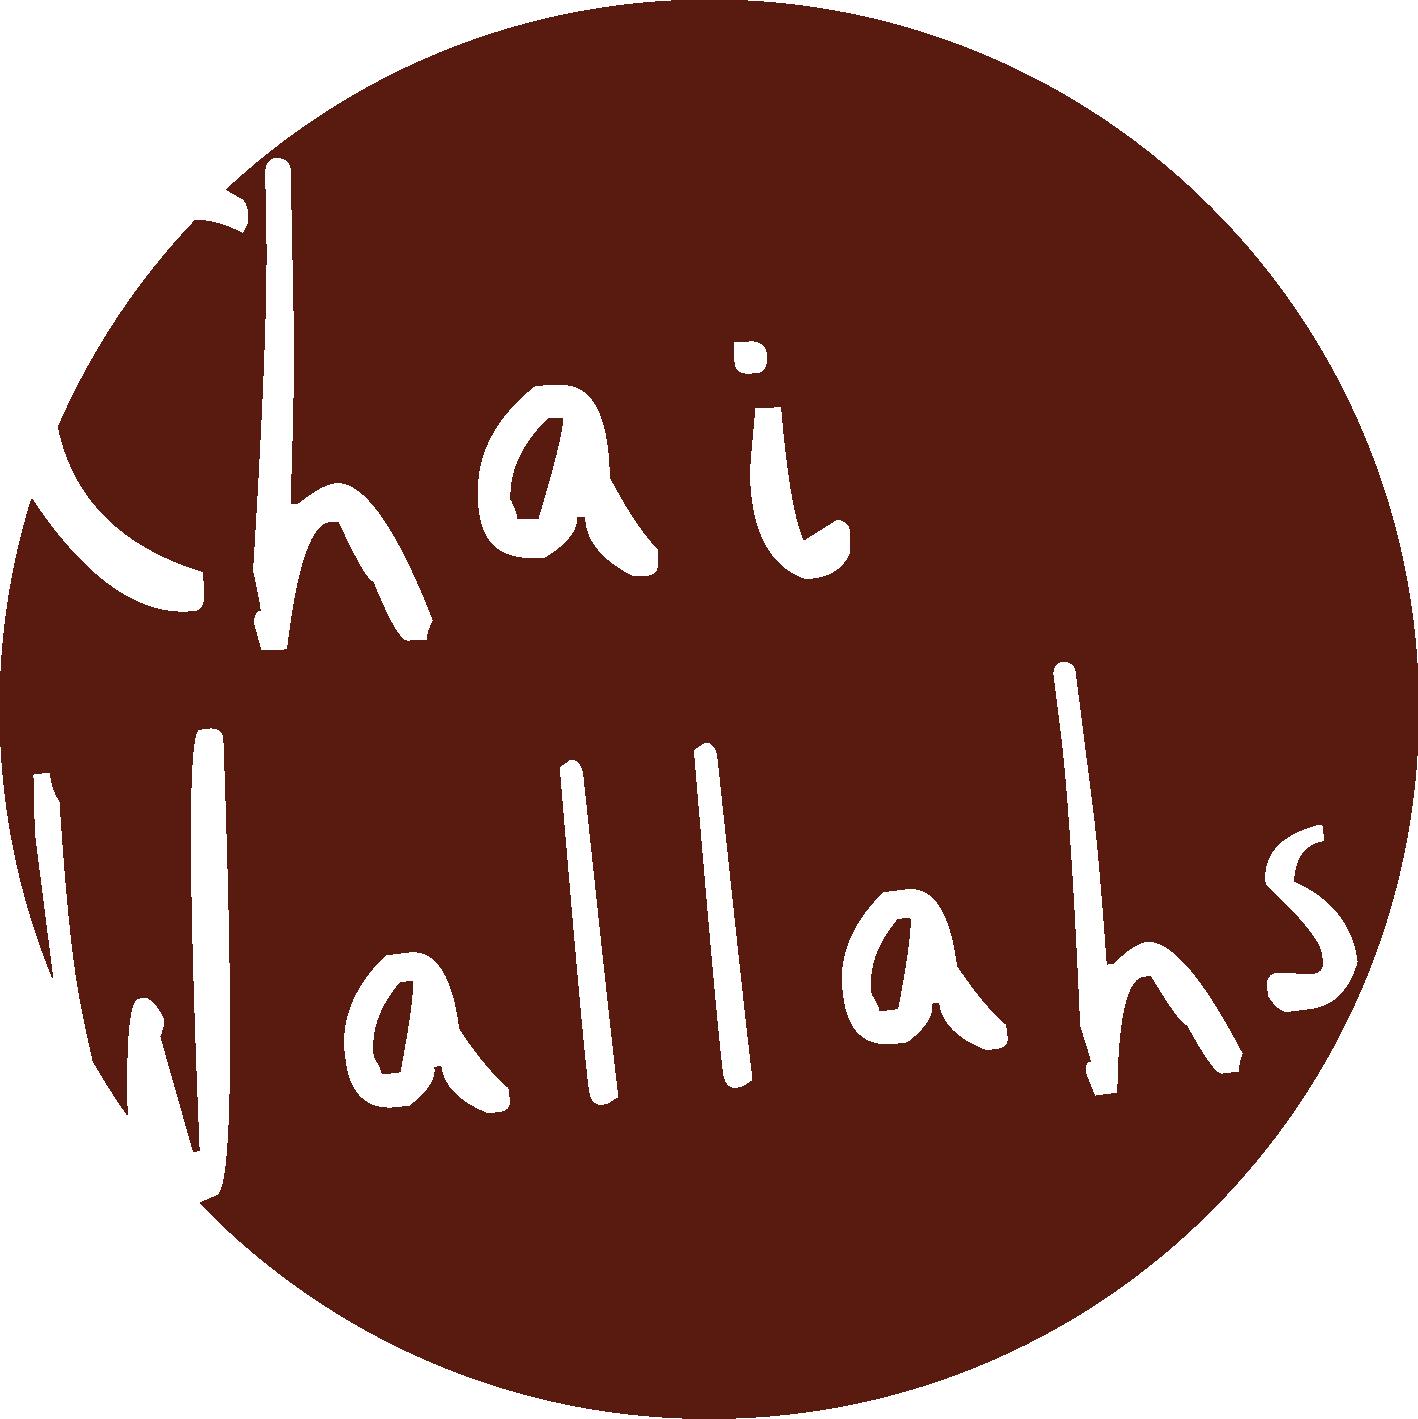 chai wallahs logo (1).png